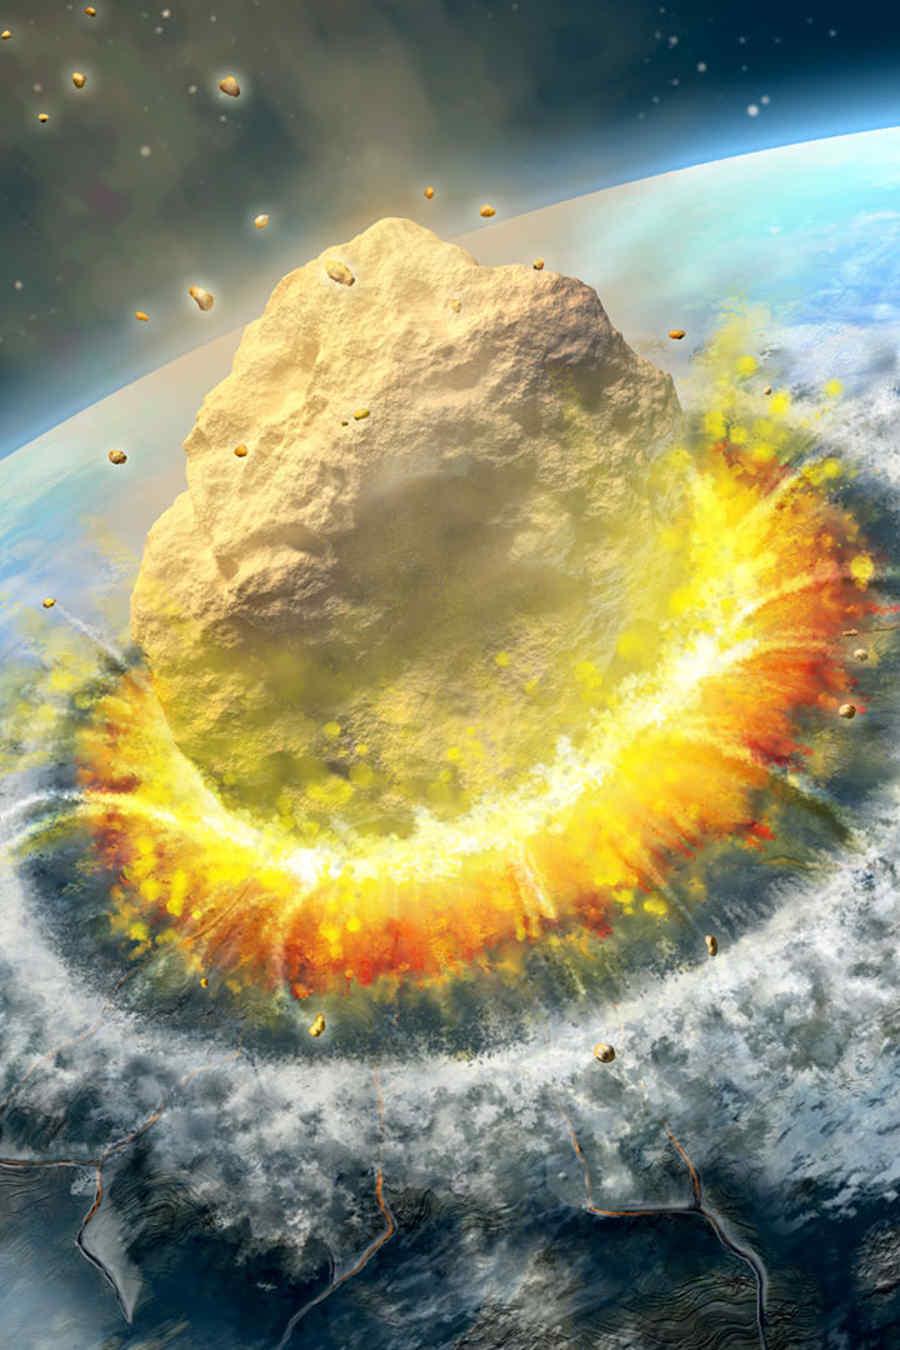 Asteroide se estrella con la tierra